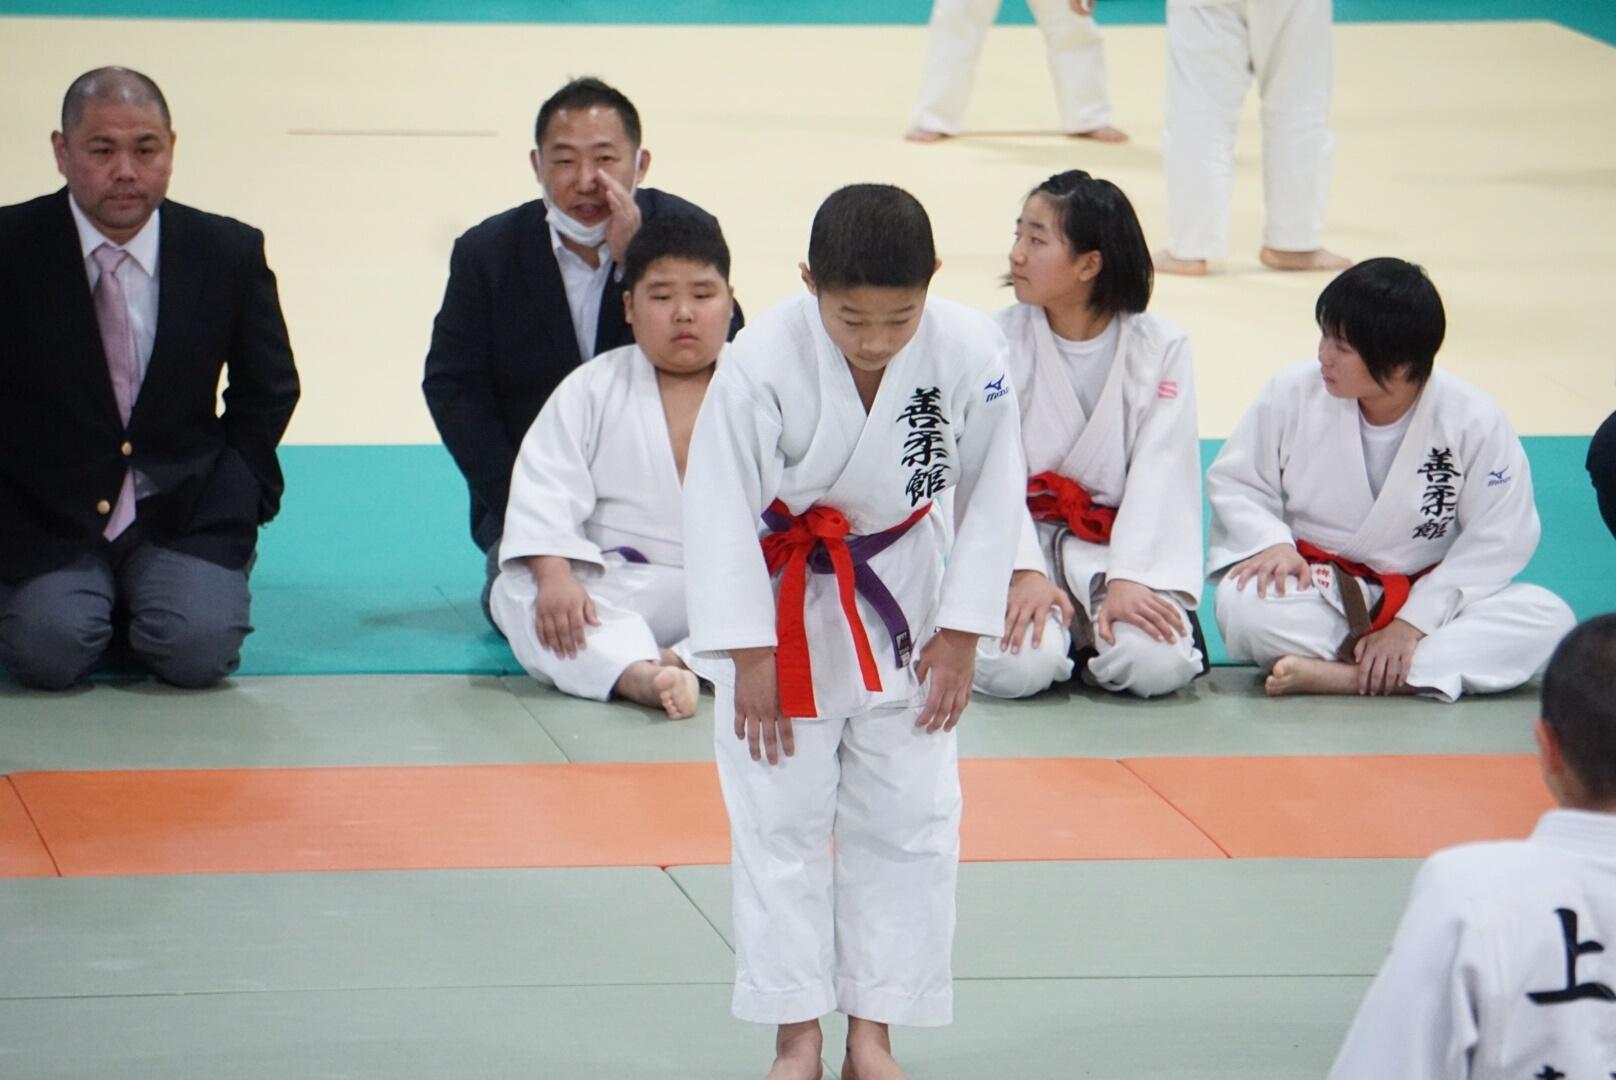 2020 柳ヶ浦少年柔道大会_b0172494_21181631.jpg